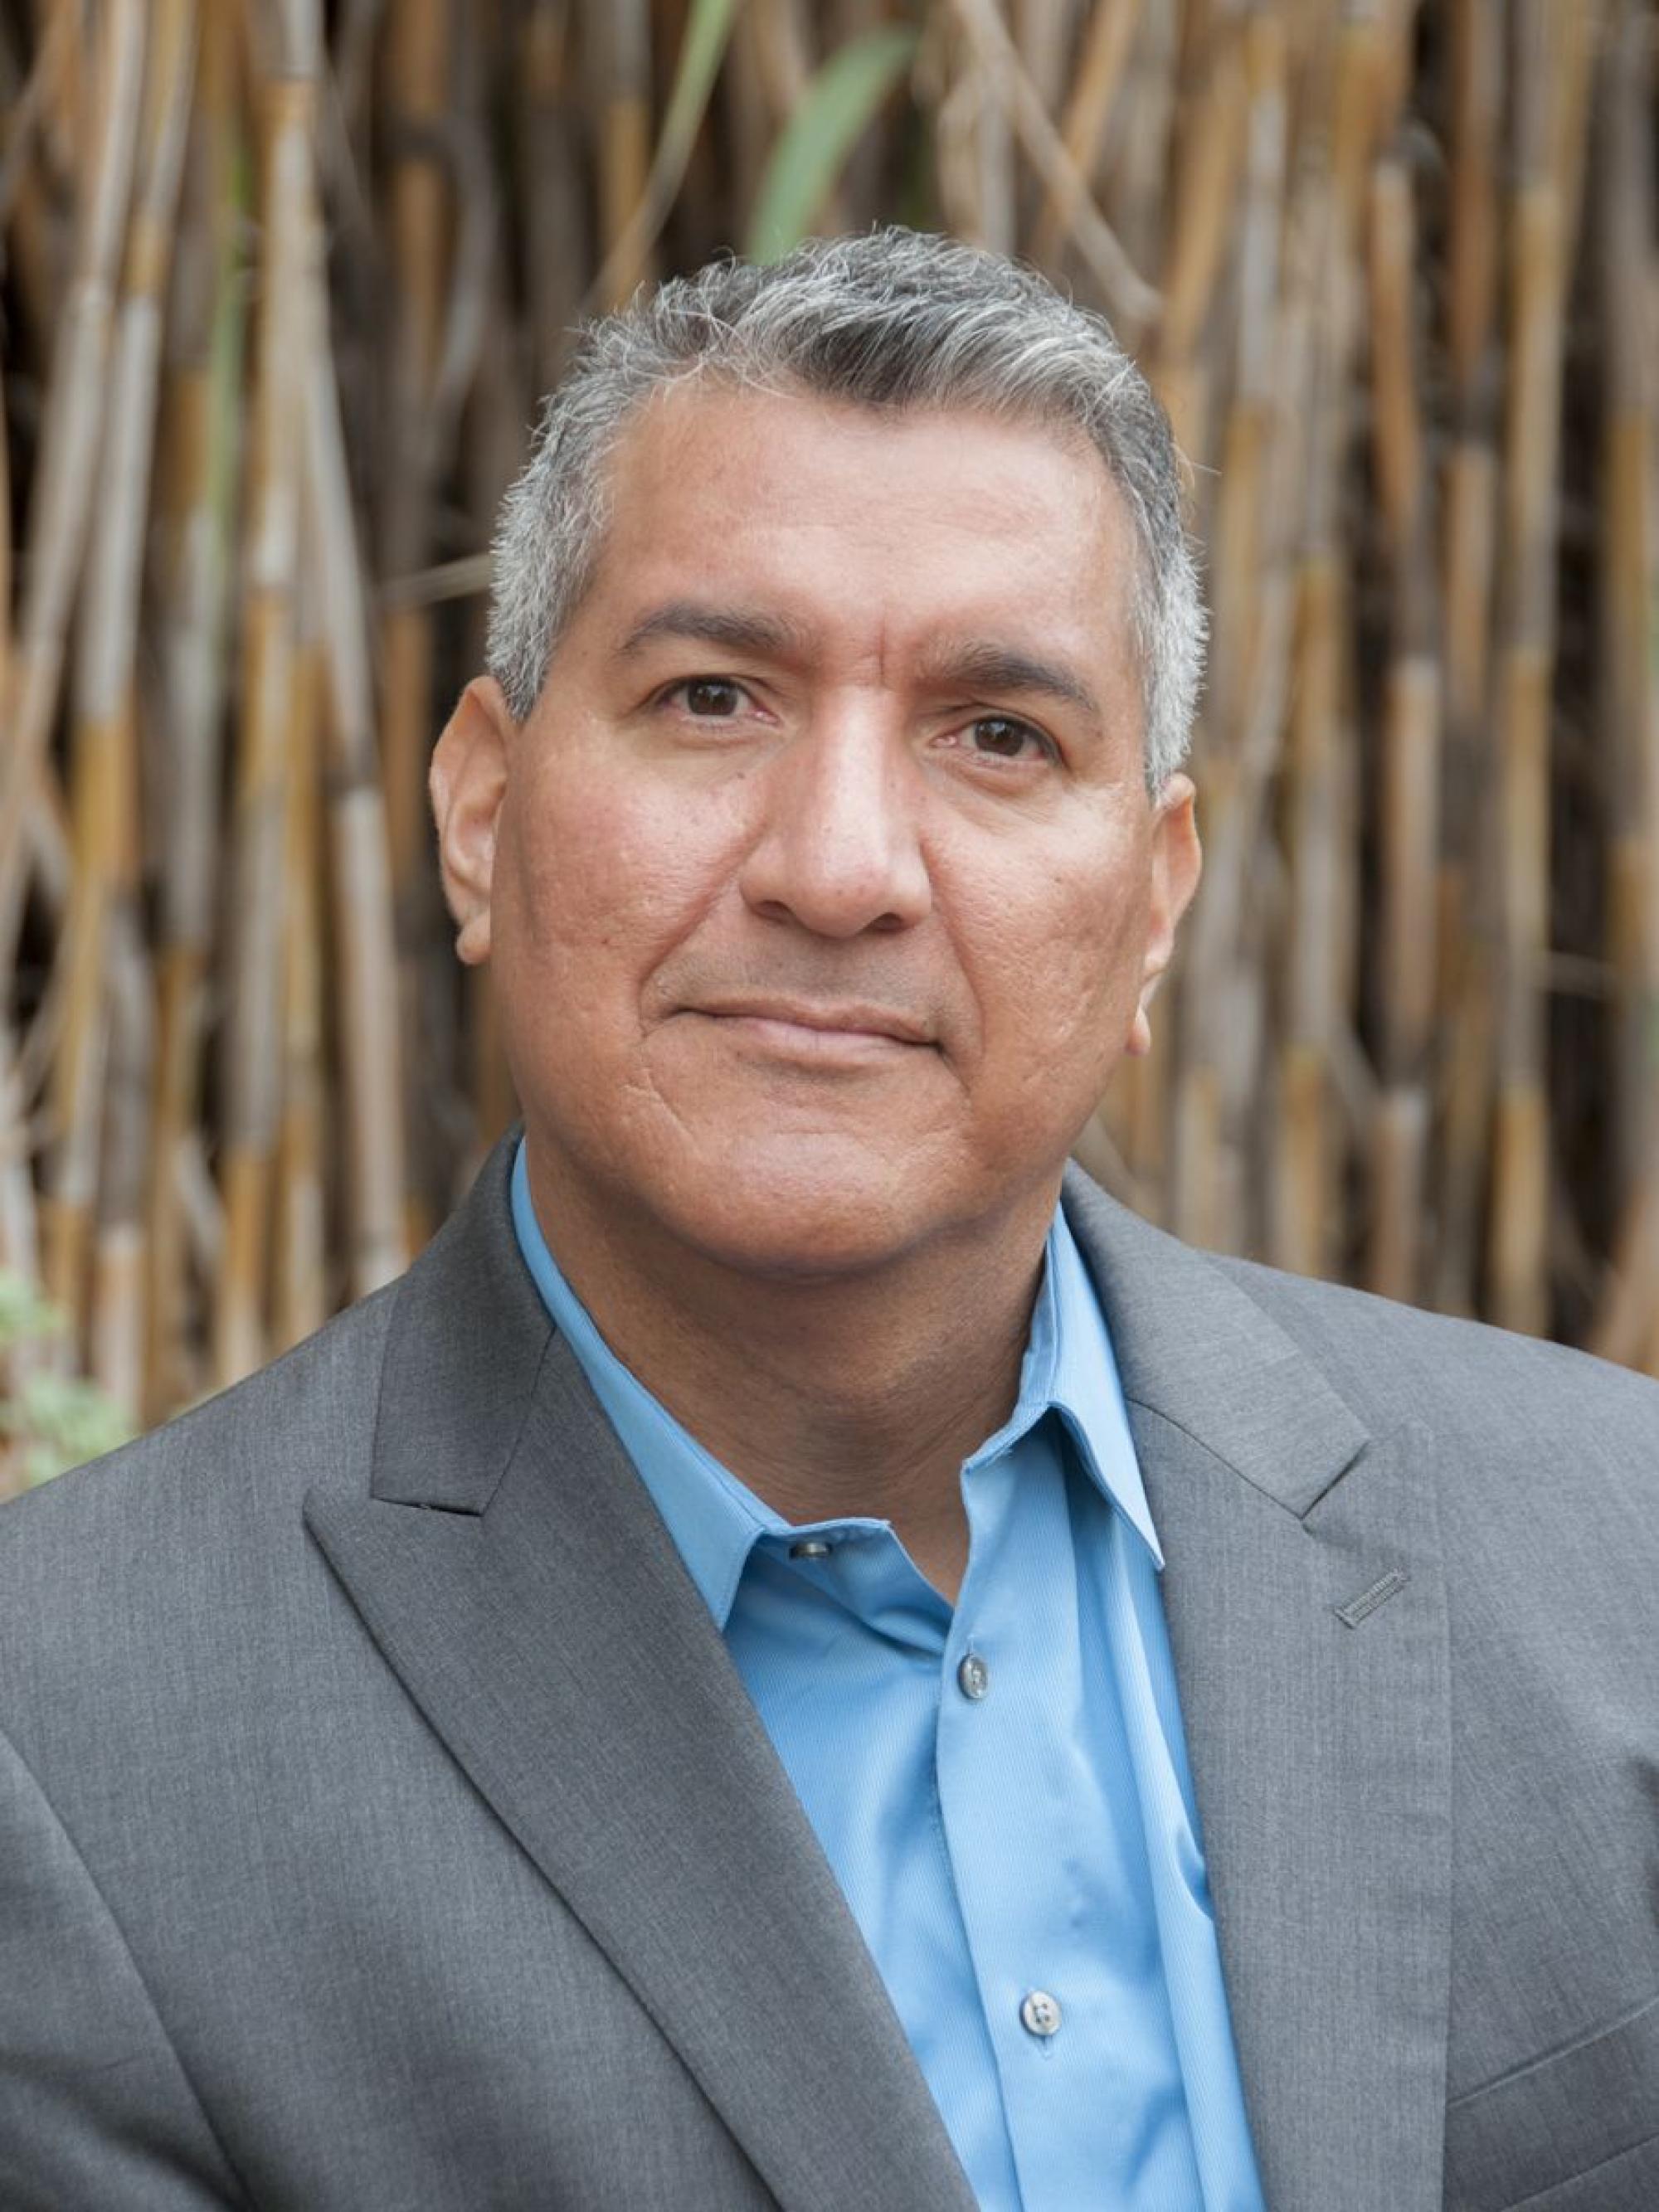 Richard Ray Perez